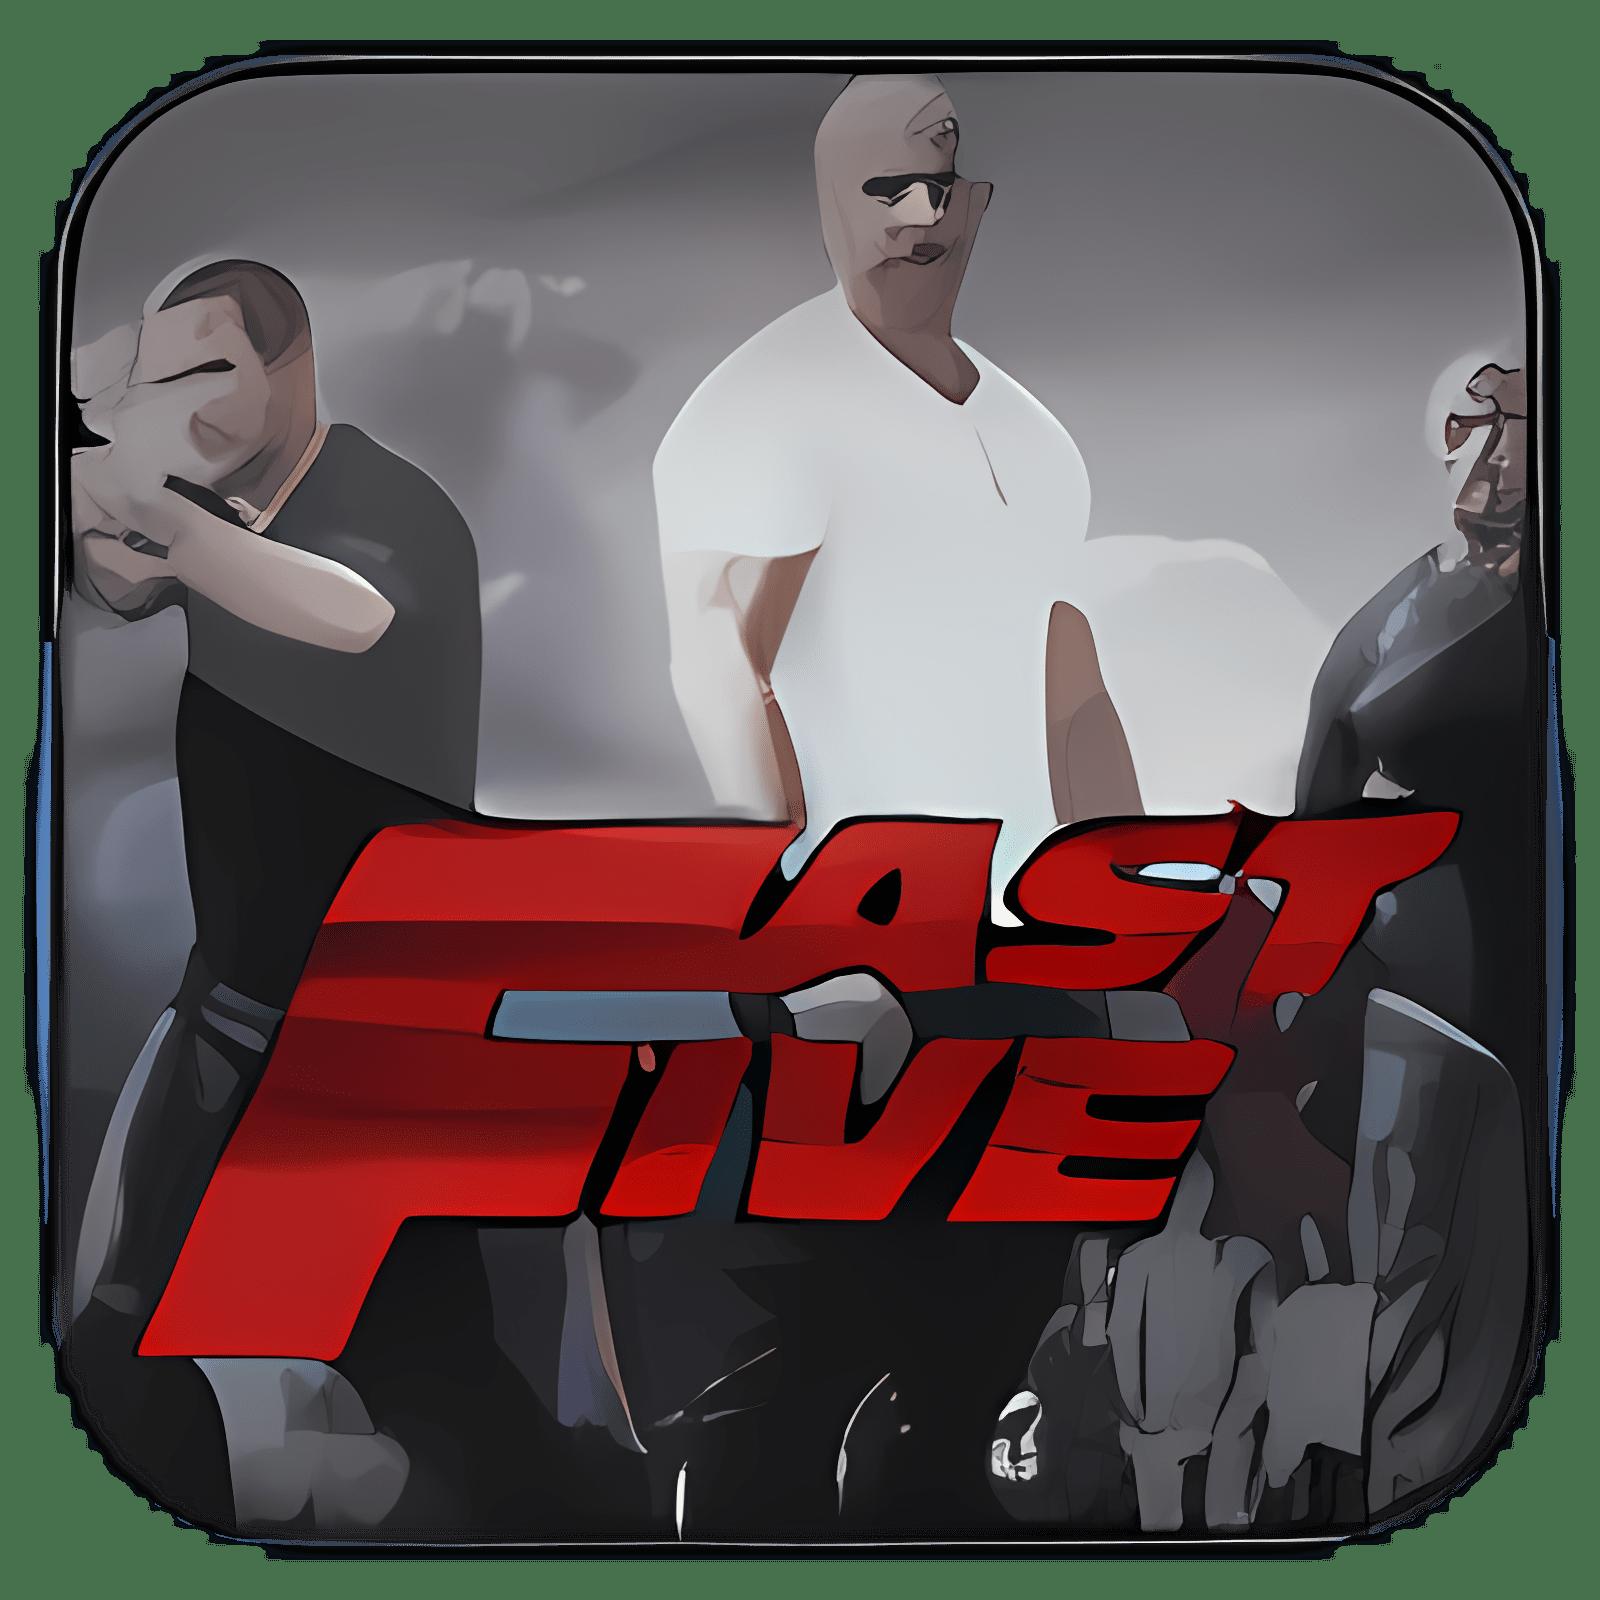 Fast Five: Rio Takeover